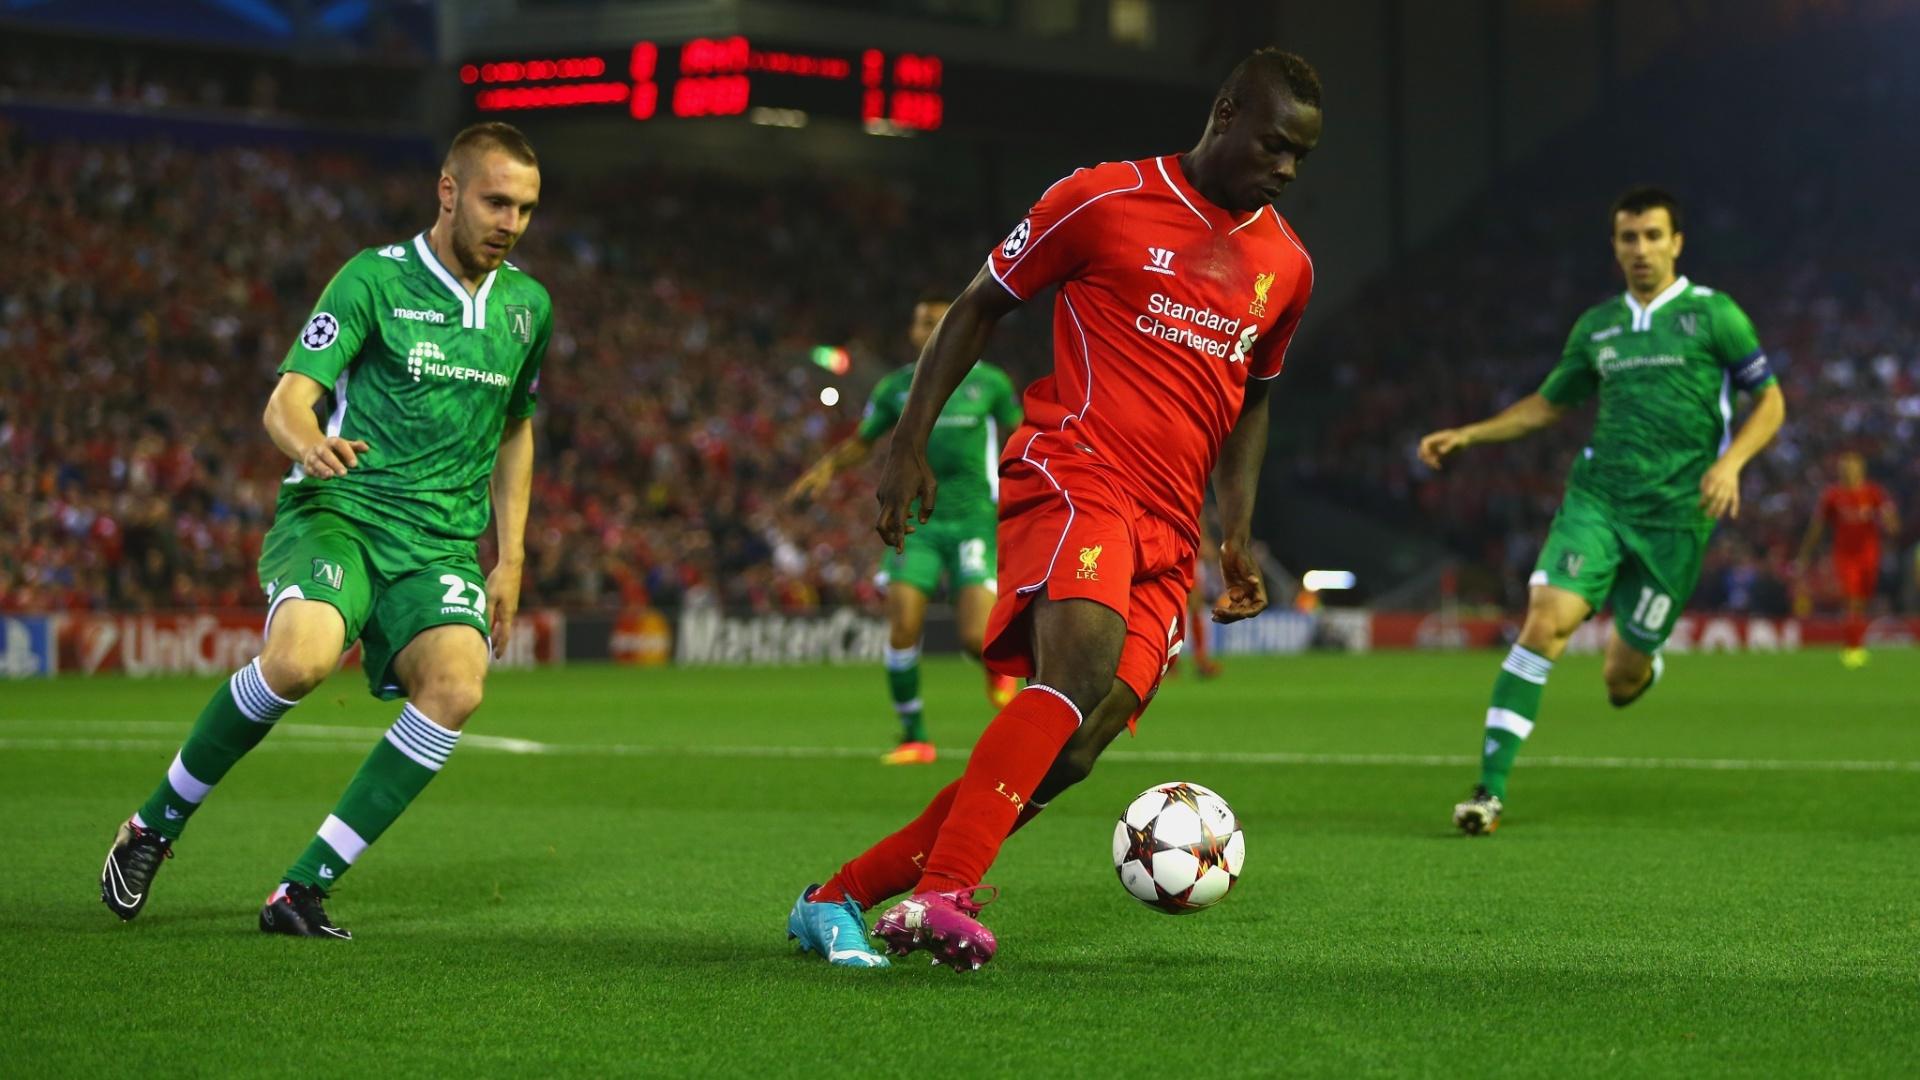 Balotelli domina bola em confronto do Liverpool com o Ludogorets